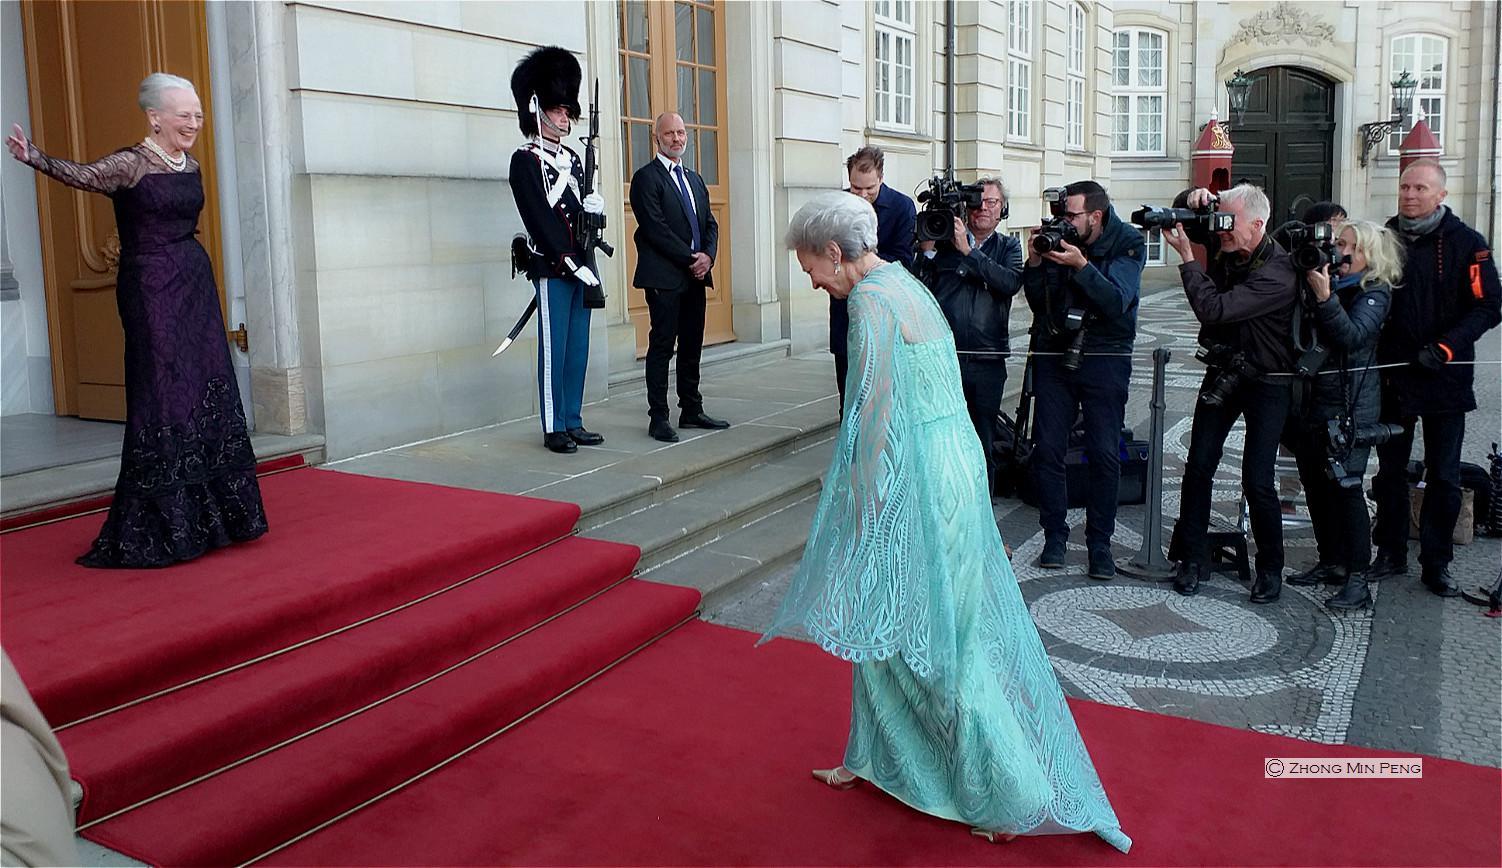 HM Dronningen af Danmark modtager HKH Prinsesse Benediktes 75-aars foedselsdag paa den roede loeber